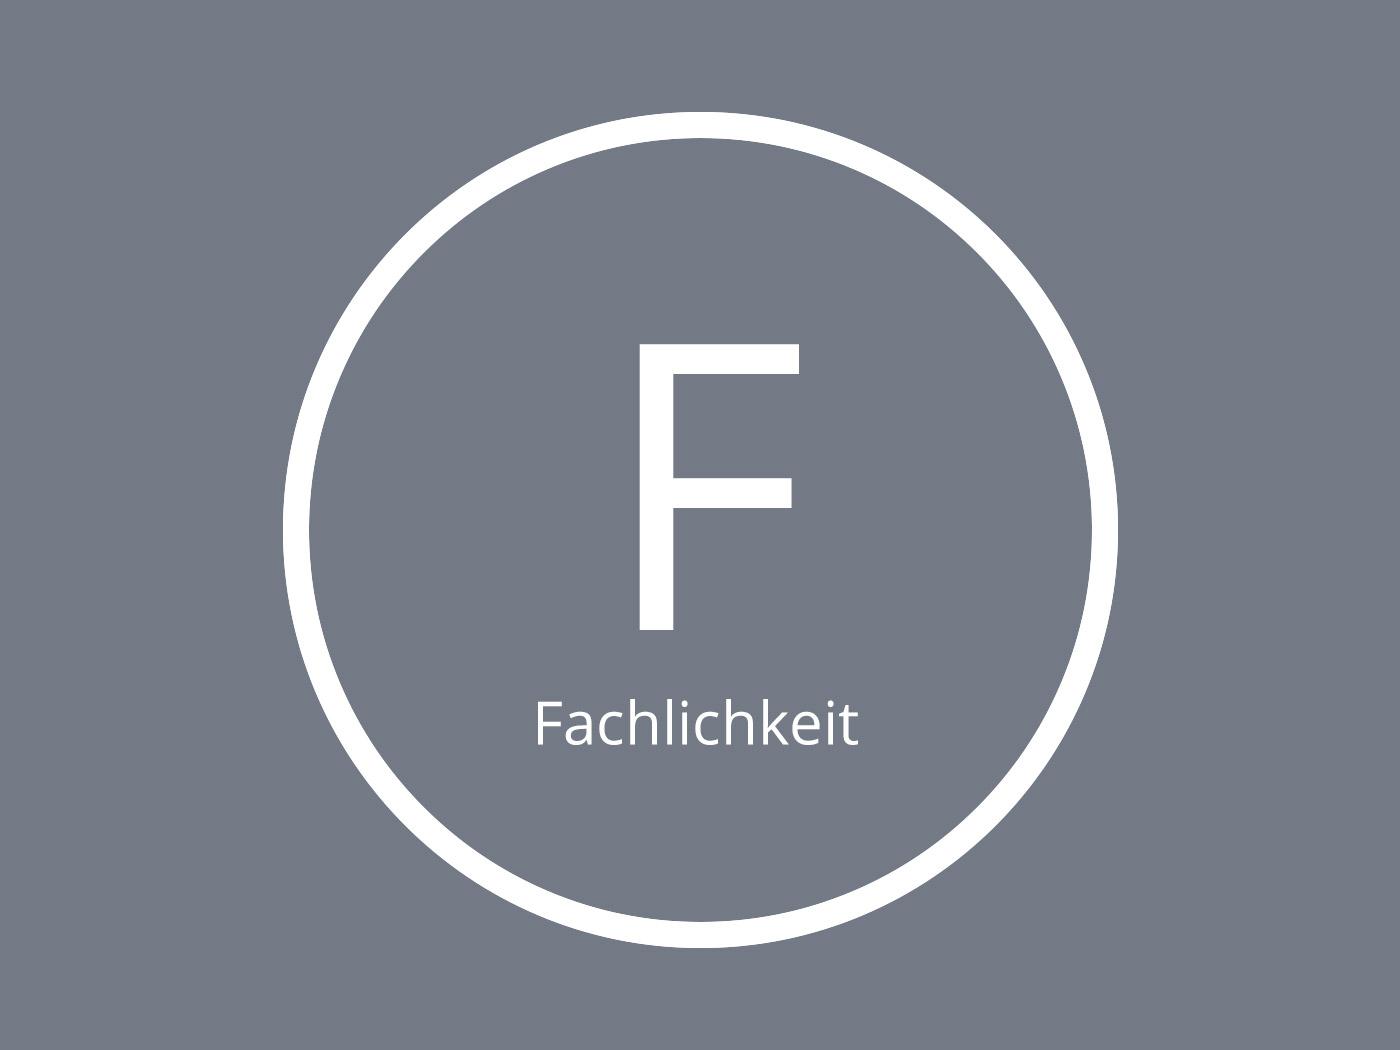 bernd-kloever-icons-fachlichkeit-4